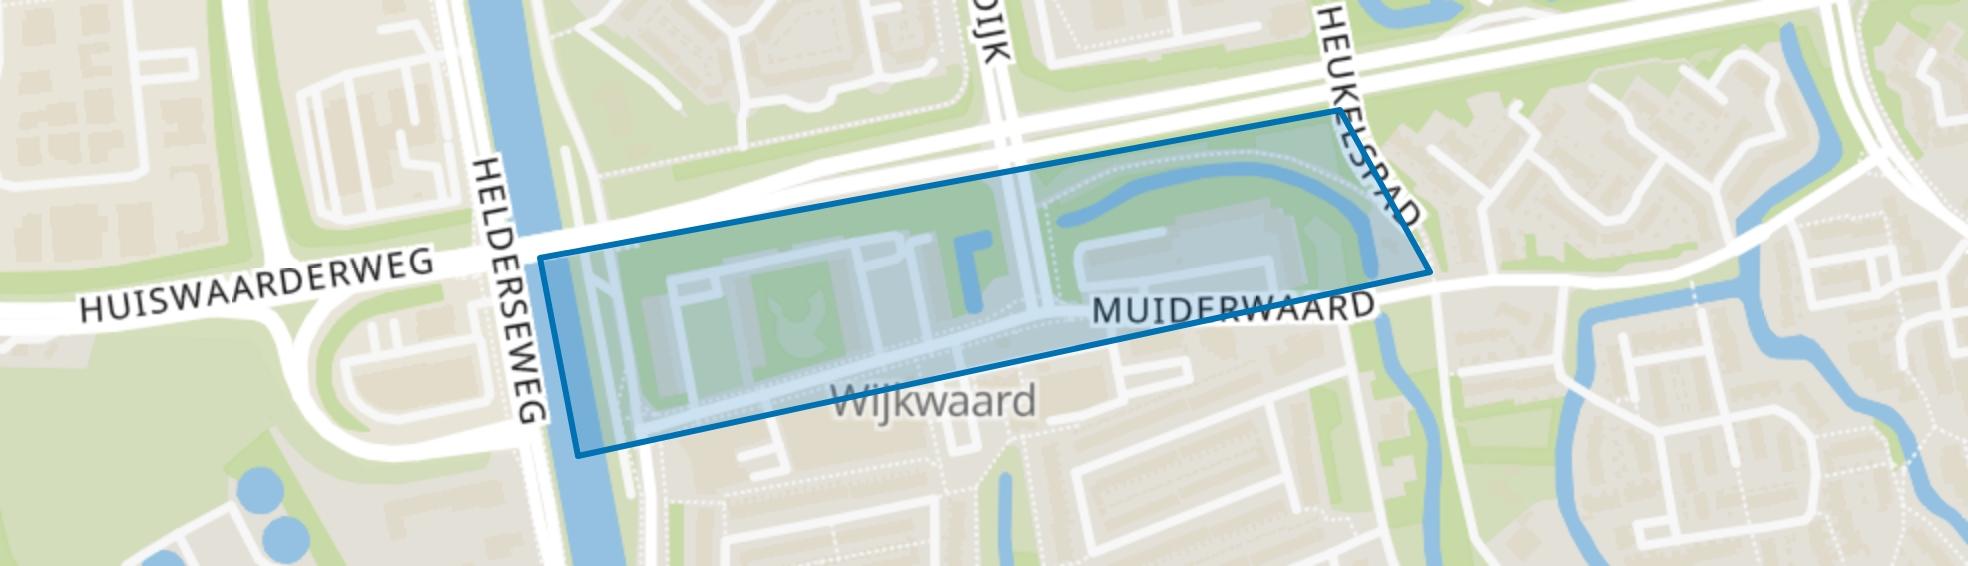 Muiderwaard, Alkmaar map